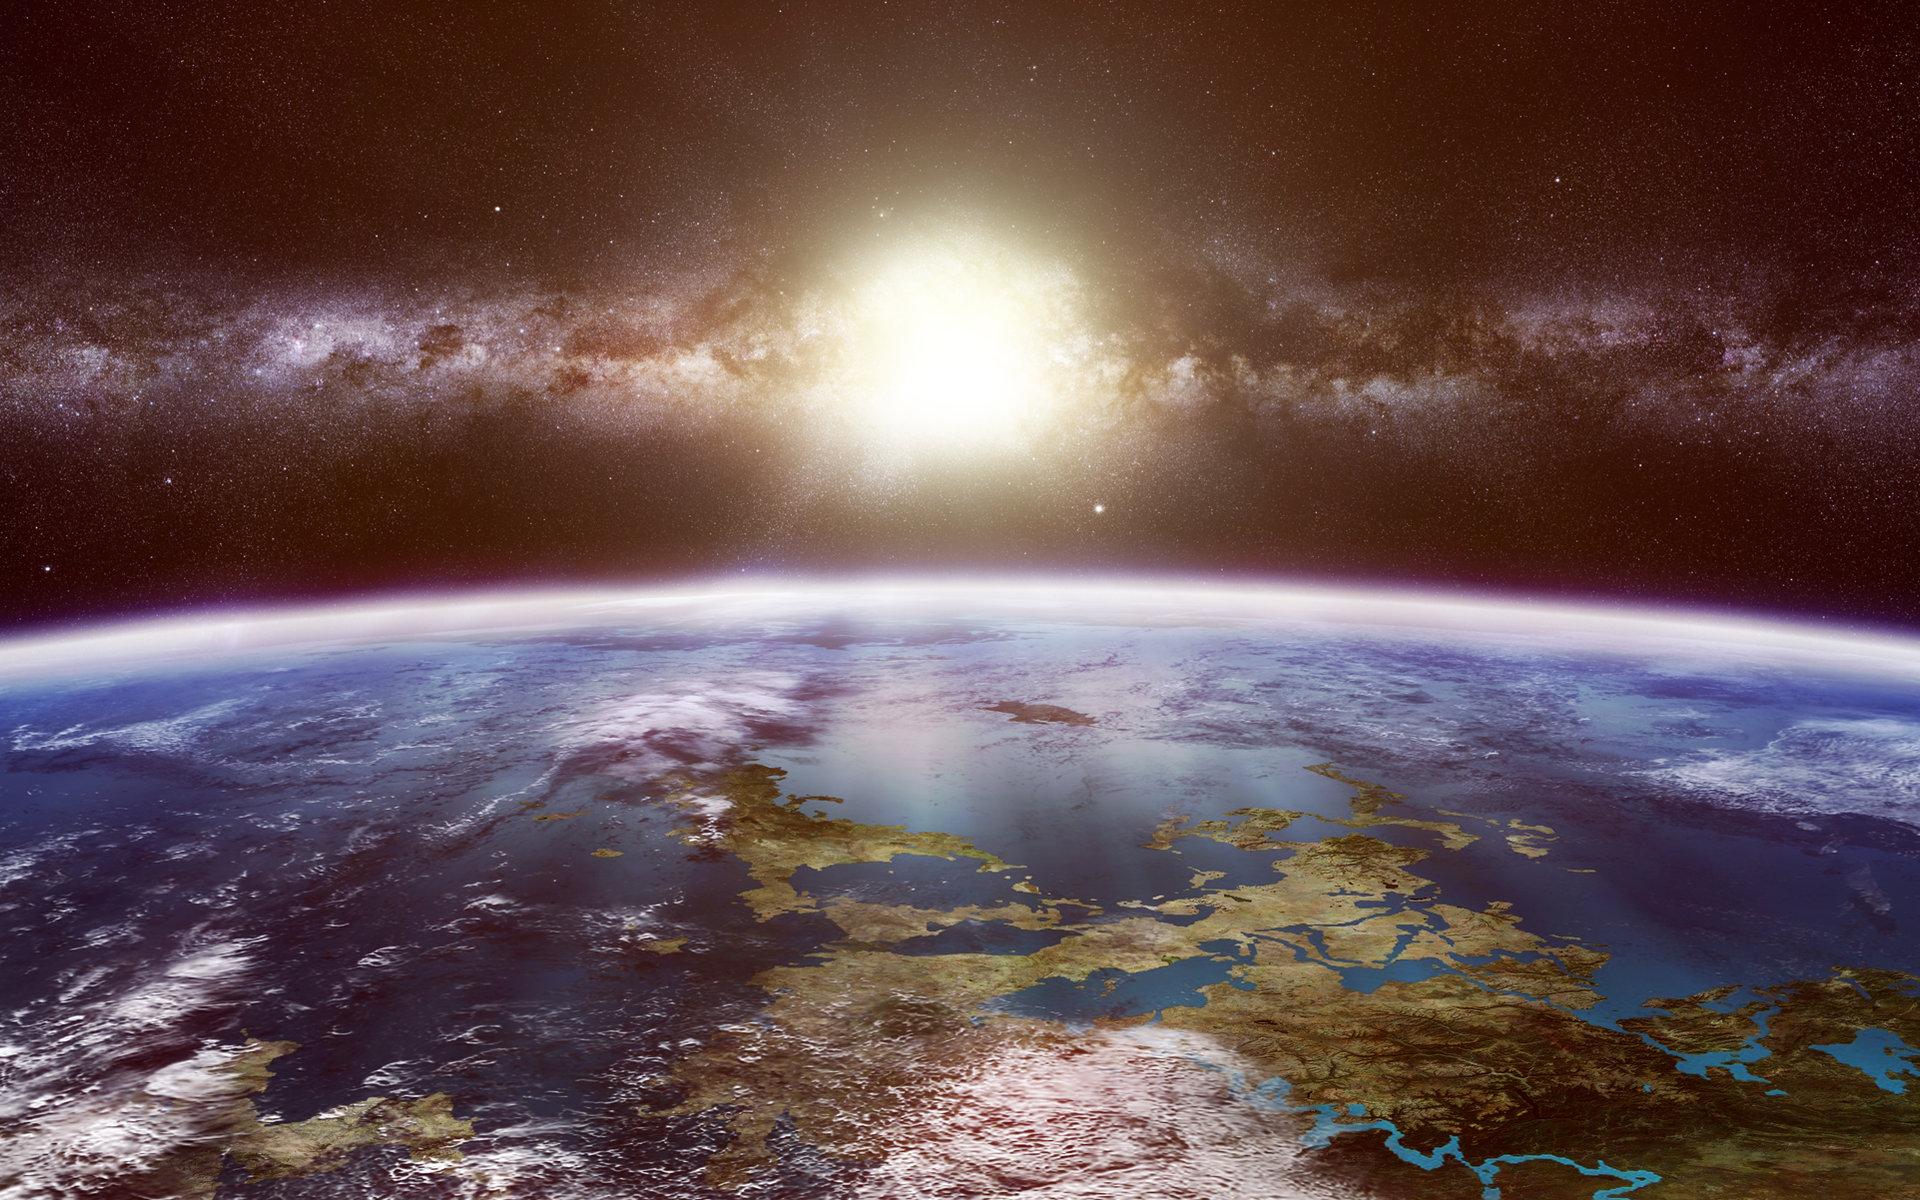 Обои Восход на орбите картинки на рабочий стол на тему Космос - скачать  № 1761559  скачать